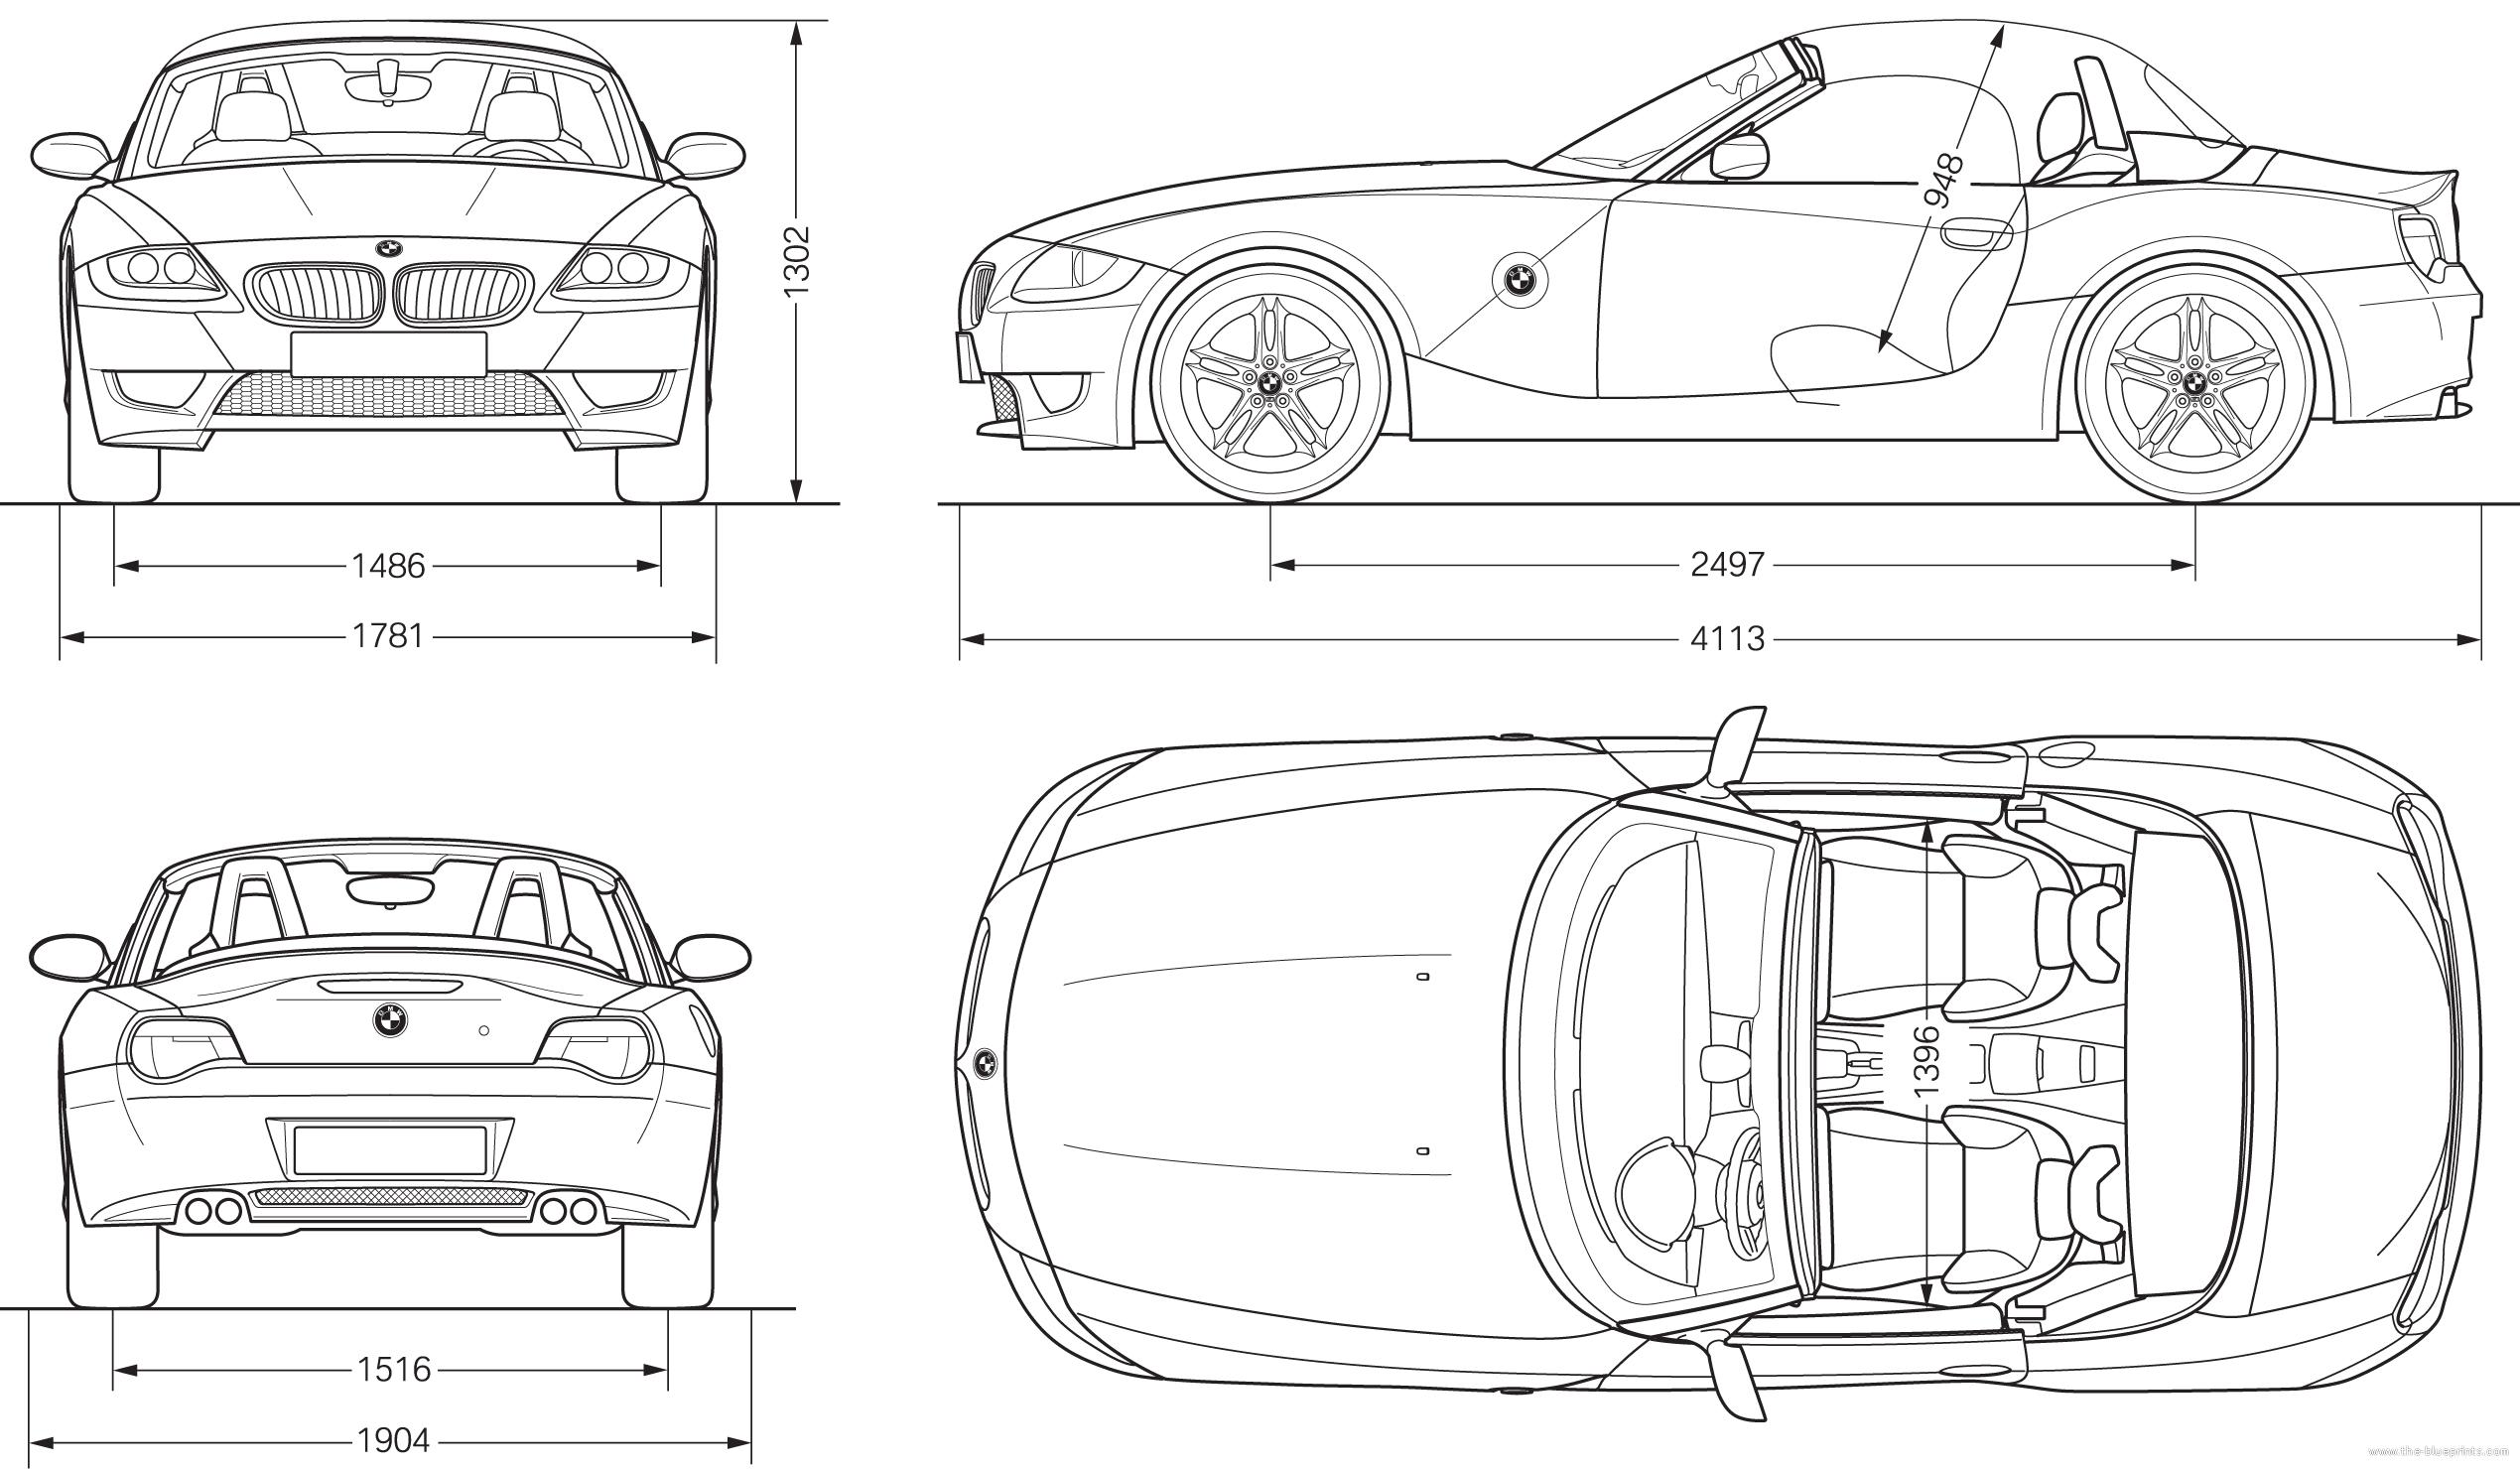 Com blueprints gt cars bmw z4 m roadster e85 2007 for Blueprint sizes